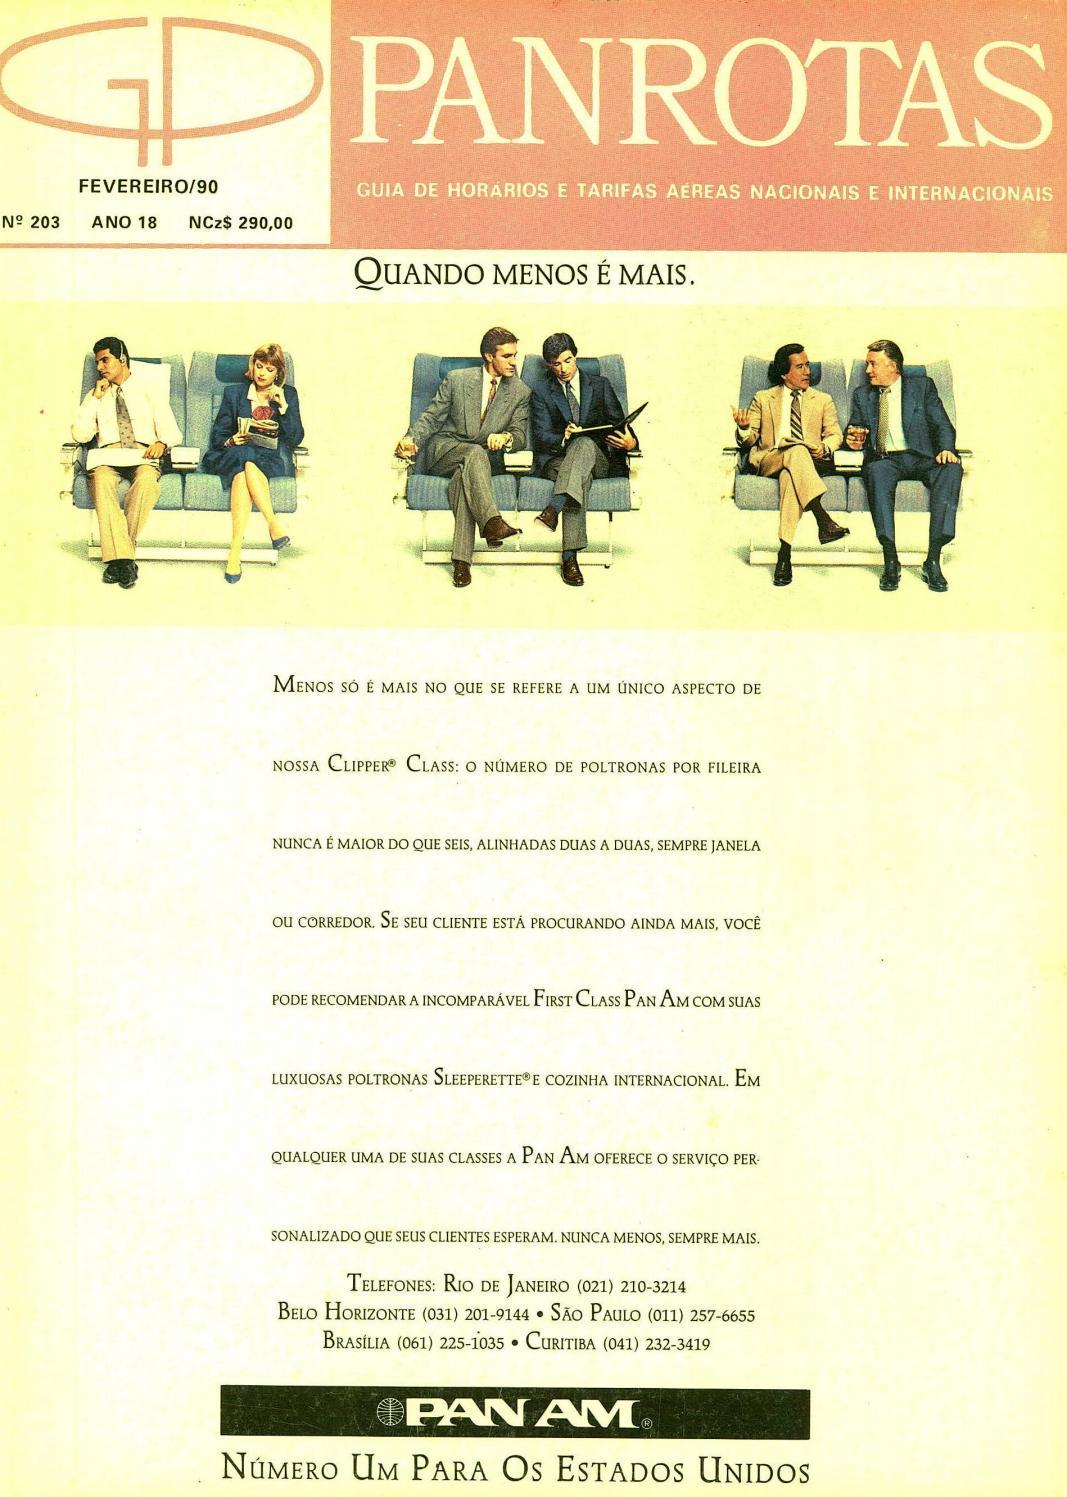 Guia PANROTAS - Edição 203 - Fevereiro 1990 by PANROTAS Editora - issuu 483410a9f2